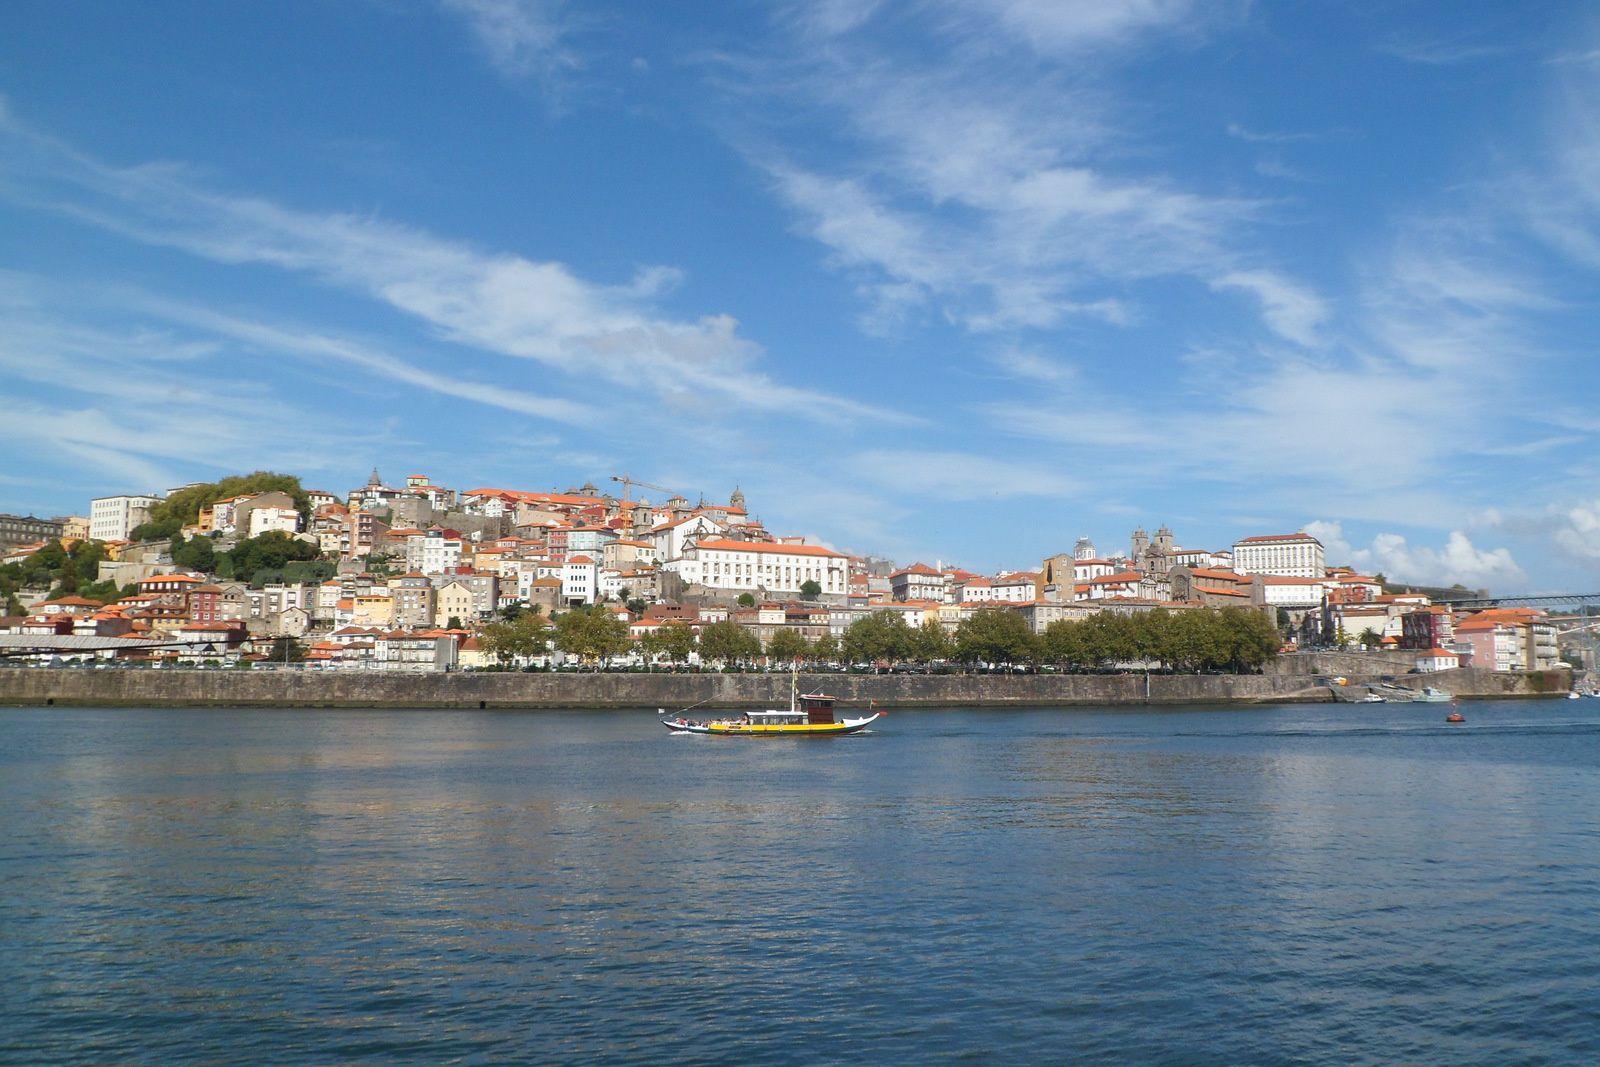 de huelva à vigo, en passant par le portugal